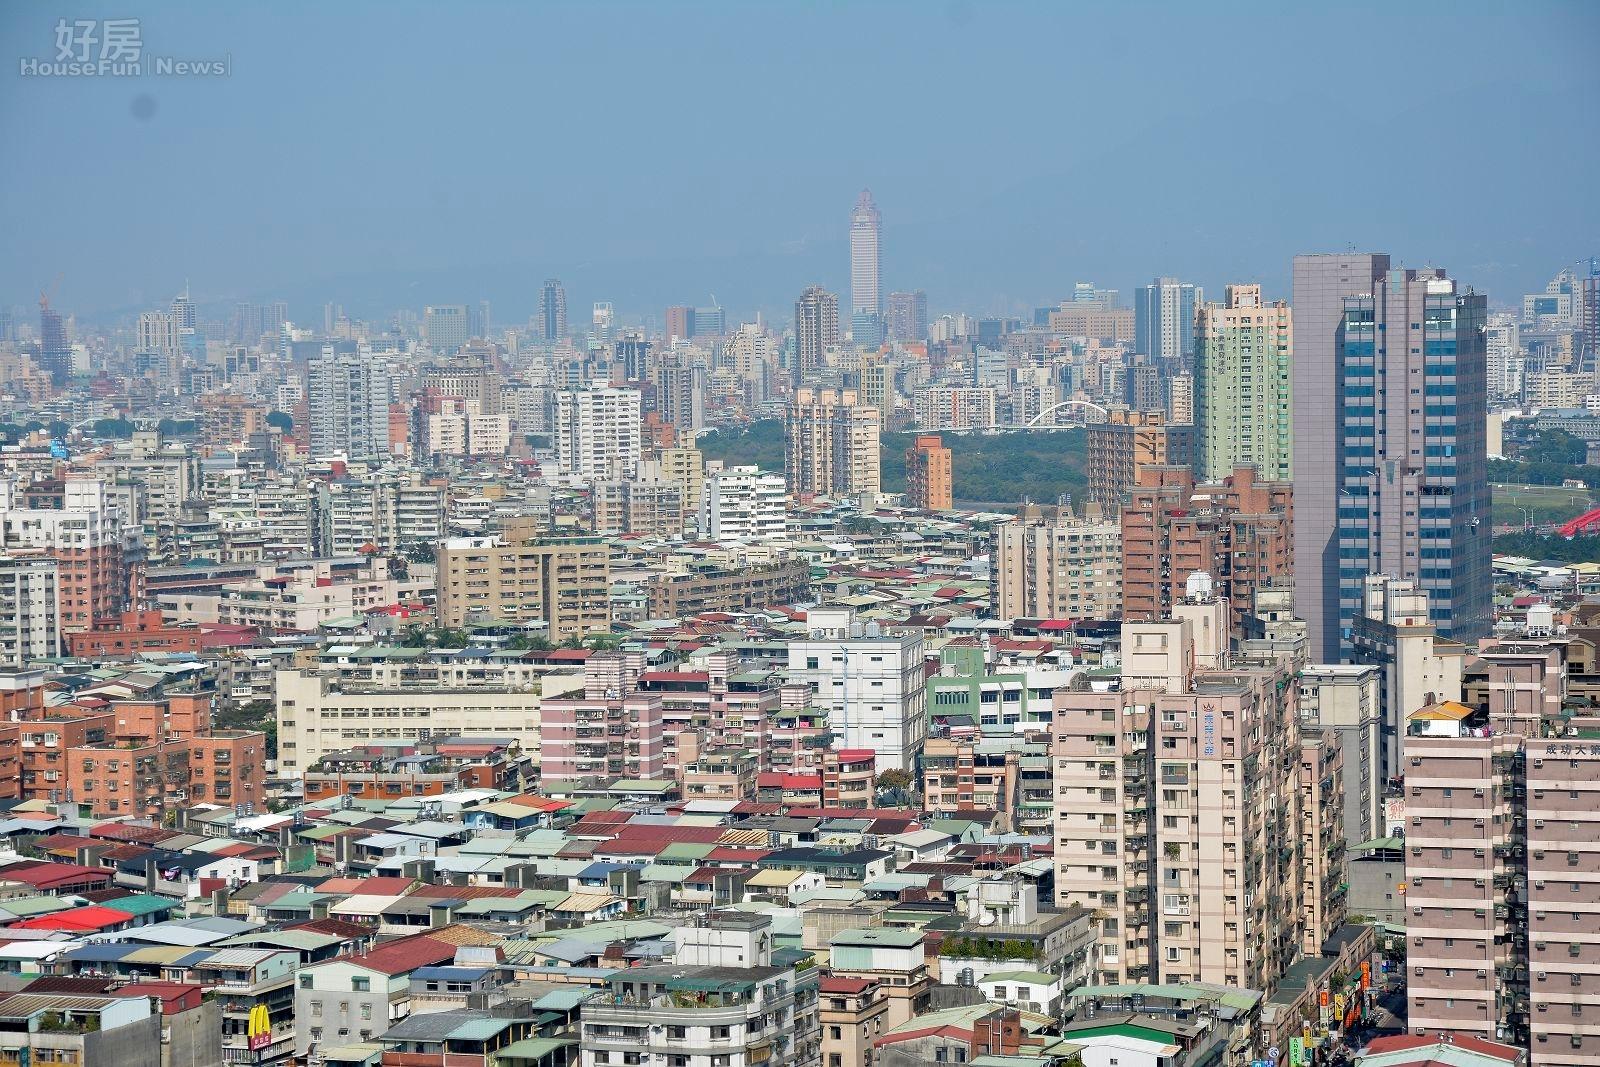 新北市的房市景多數是新大樓與華廈、公寓穿插,也可以看到老公寓有許多頂樓加蓋。(好房網News記者 陳韋帆/攝影)